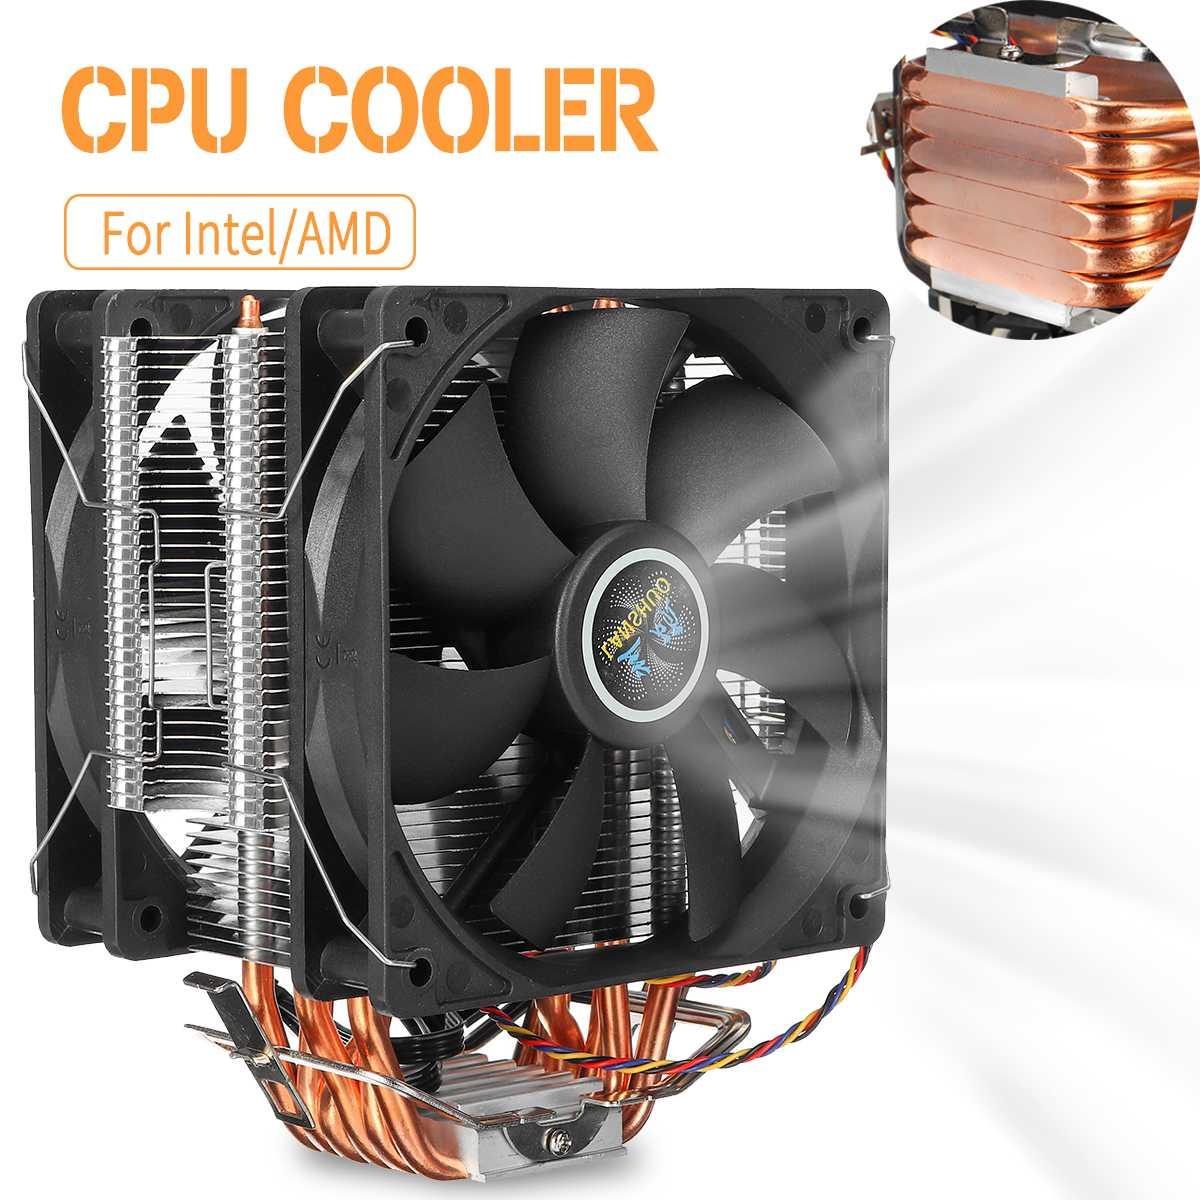 12 cm double ventilateur refroidisseur de processeur radiateur 6 caloducs ventilateur refroidisseur de processeur refroidisseur de refroidissement pour LGA 1150/1151/1155/1156/1366/775/AMD